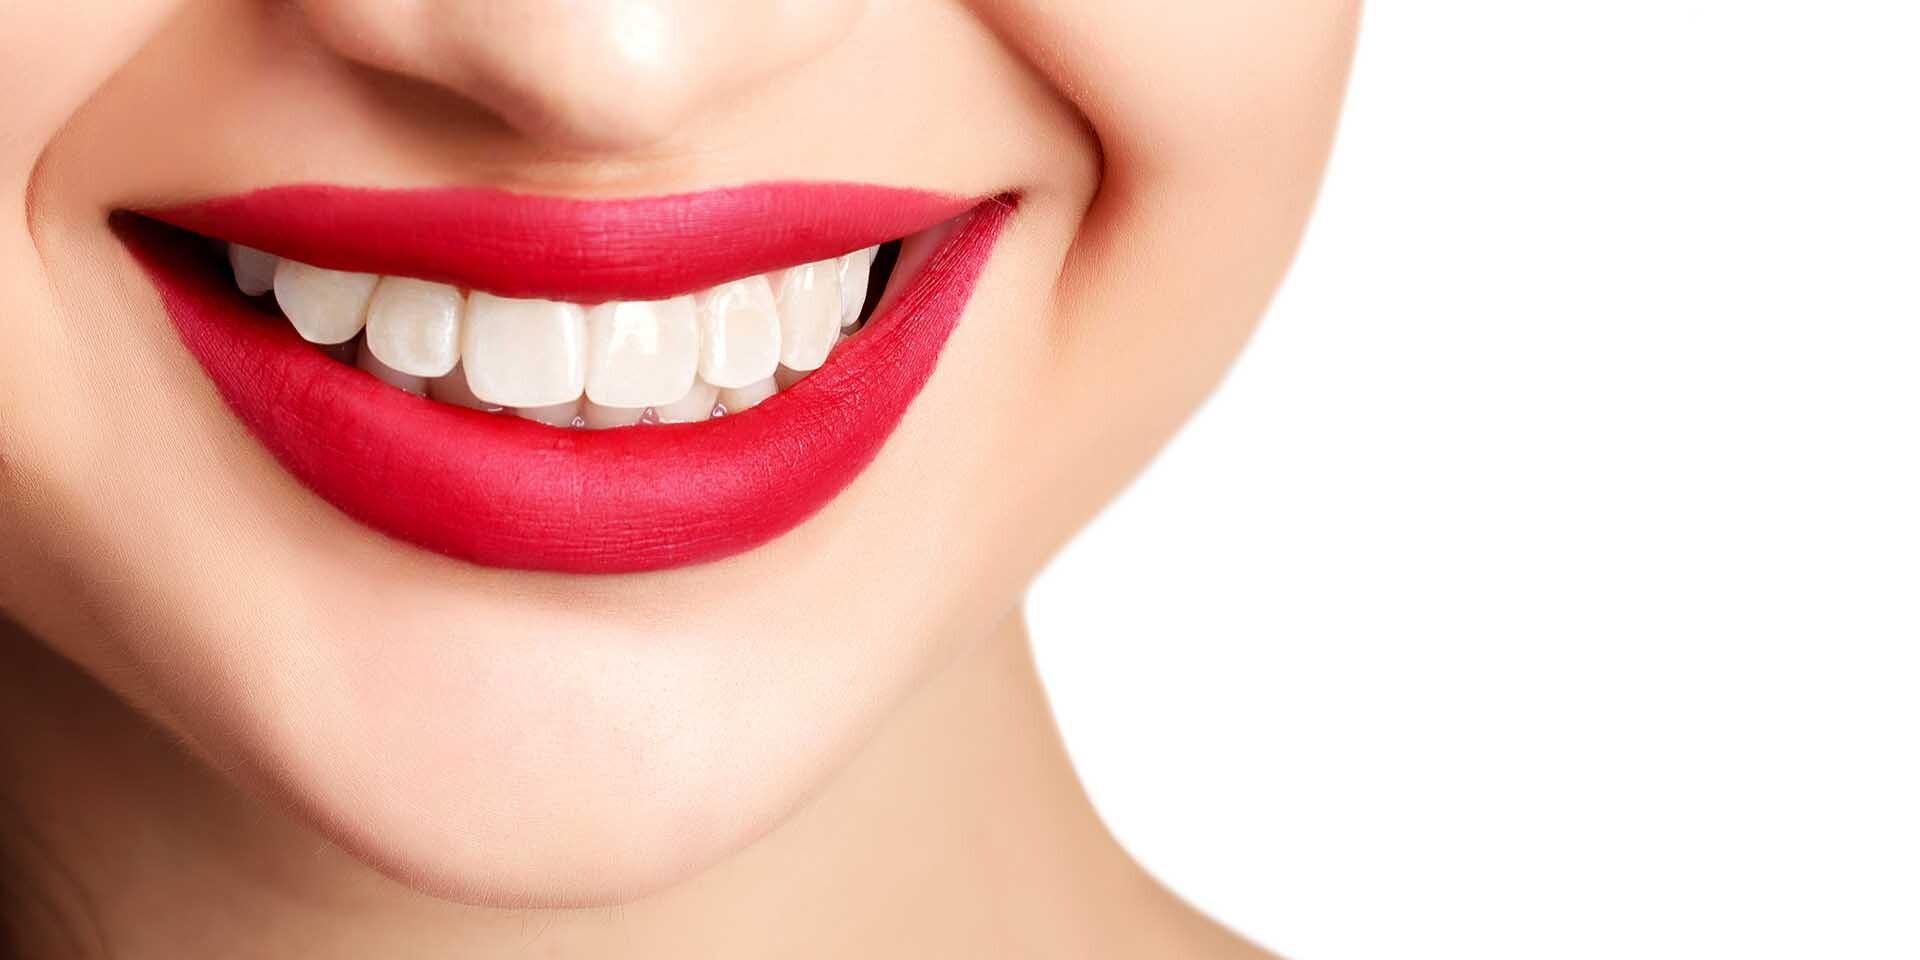 Dentálna hygiena a bielenie zubov pre žiarivý a zdravý úsmev